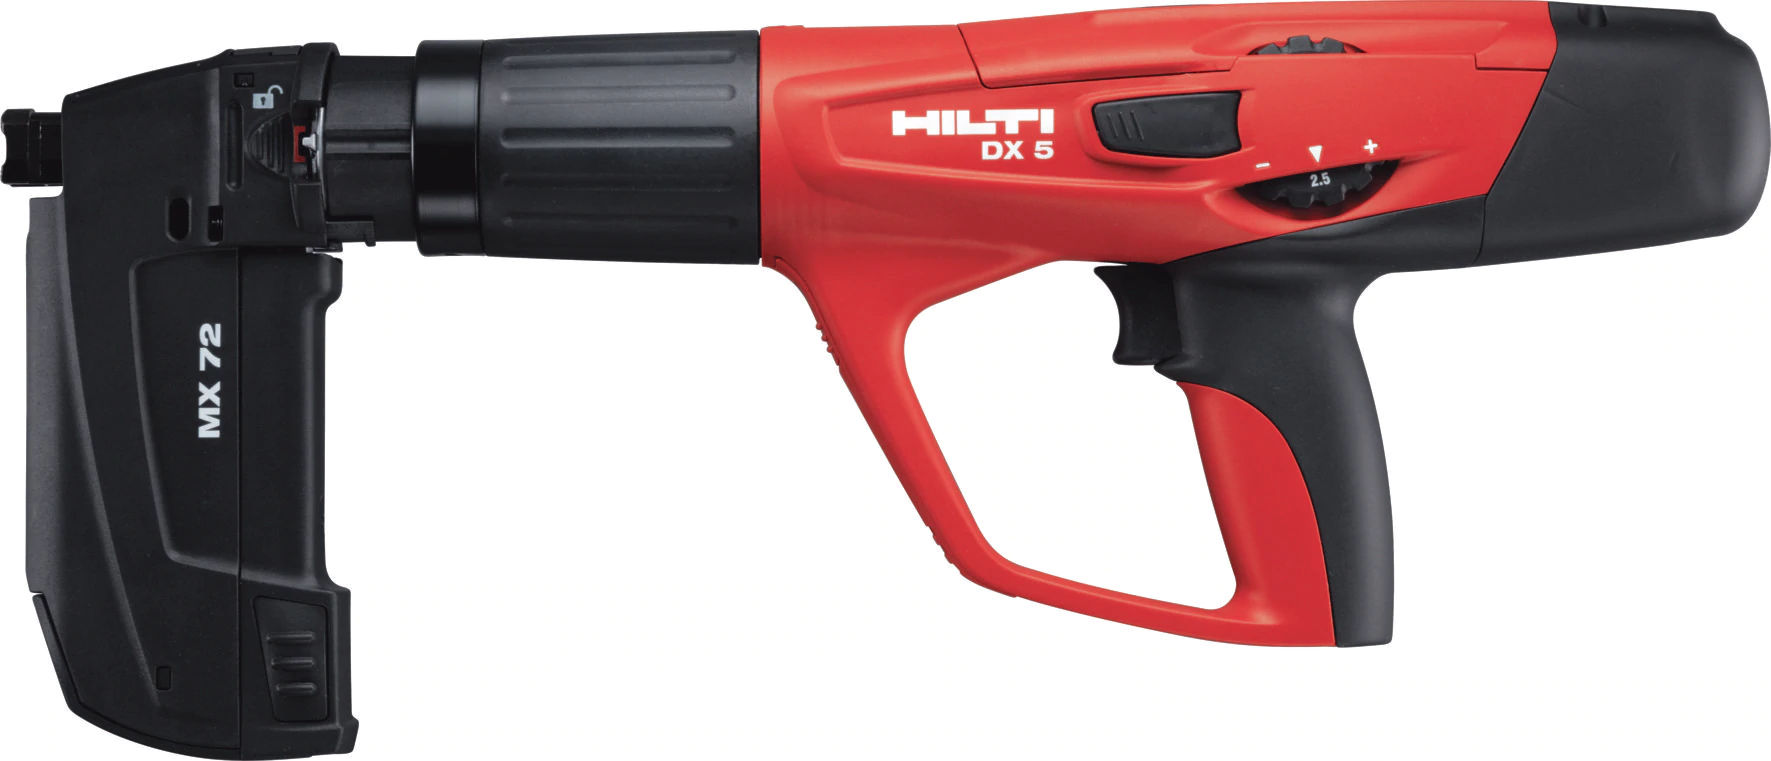 HILTI Bolzensetzgerät DX 5-MX